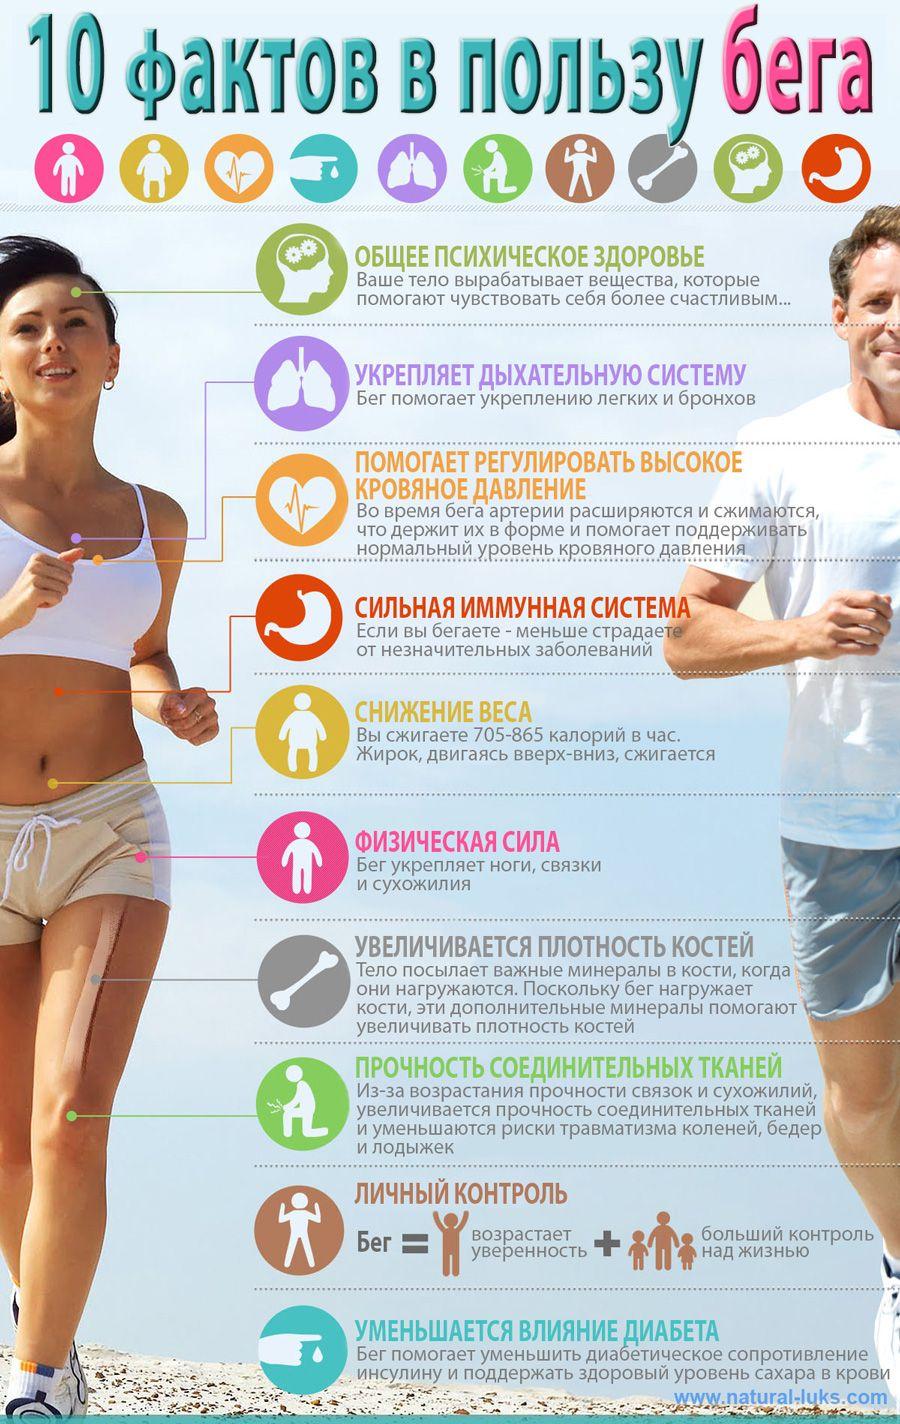 Польза От Бега Похудеть. Бег для похудения: как и сколько нужно бегать, чтобы похудеть